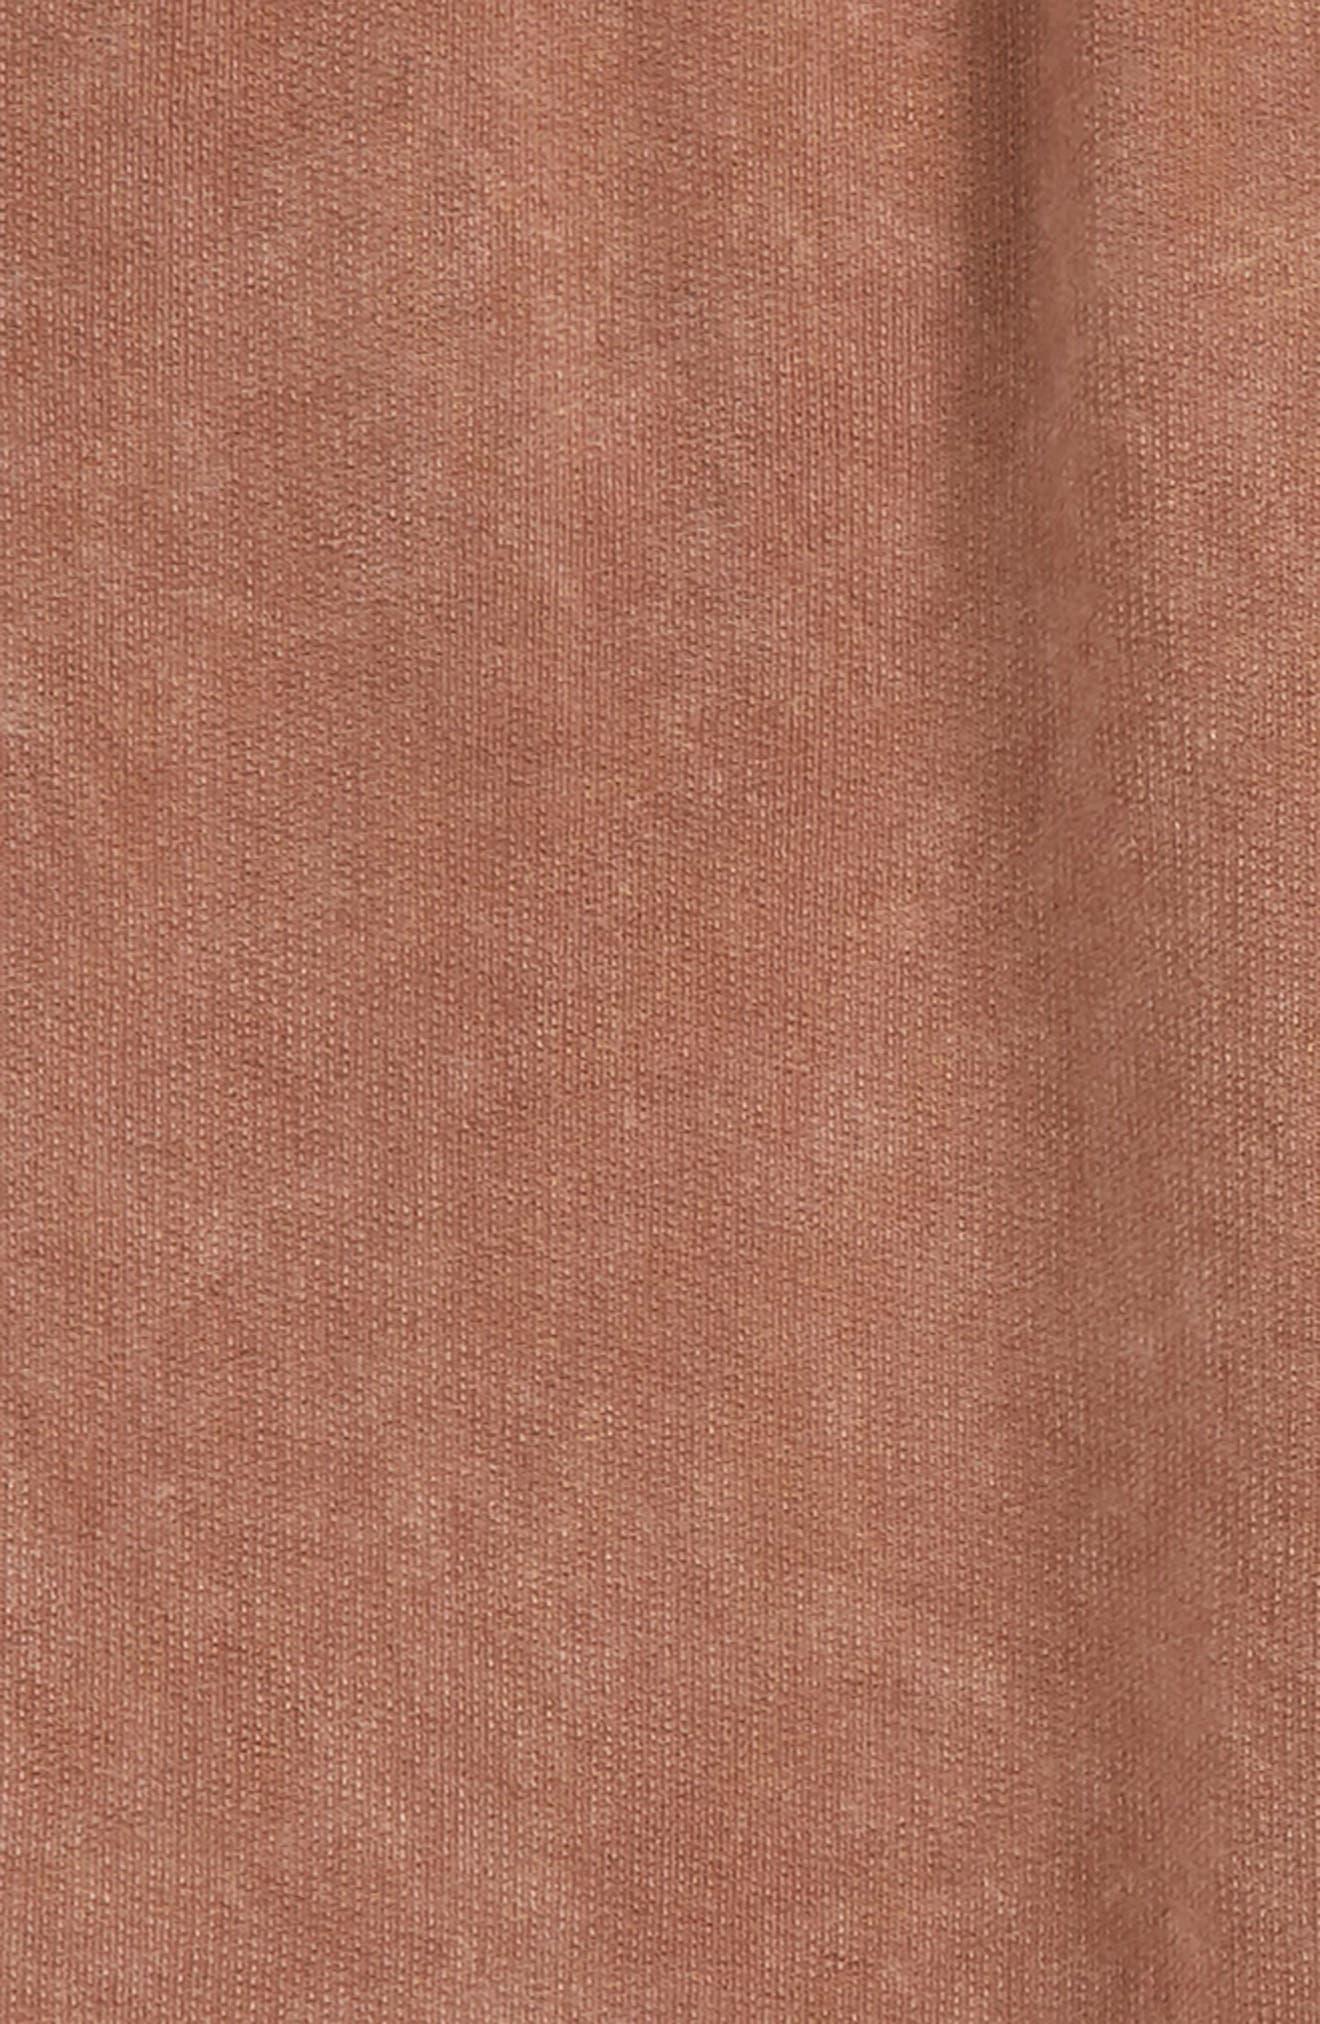 Superwash Sweatpants,                             Alternate thumbnail 2, color,                             Tan Burro Wash